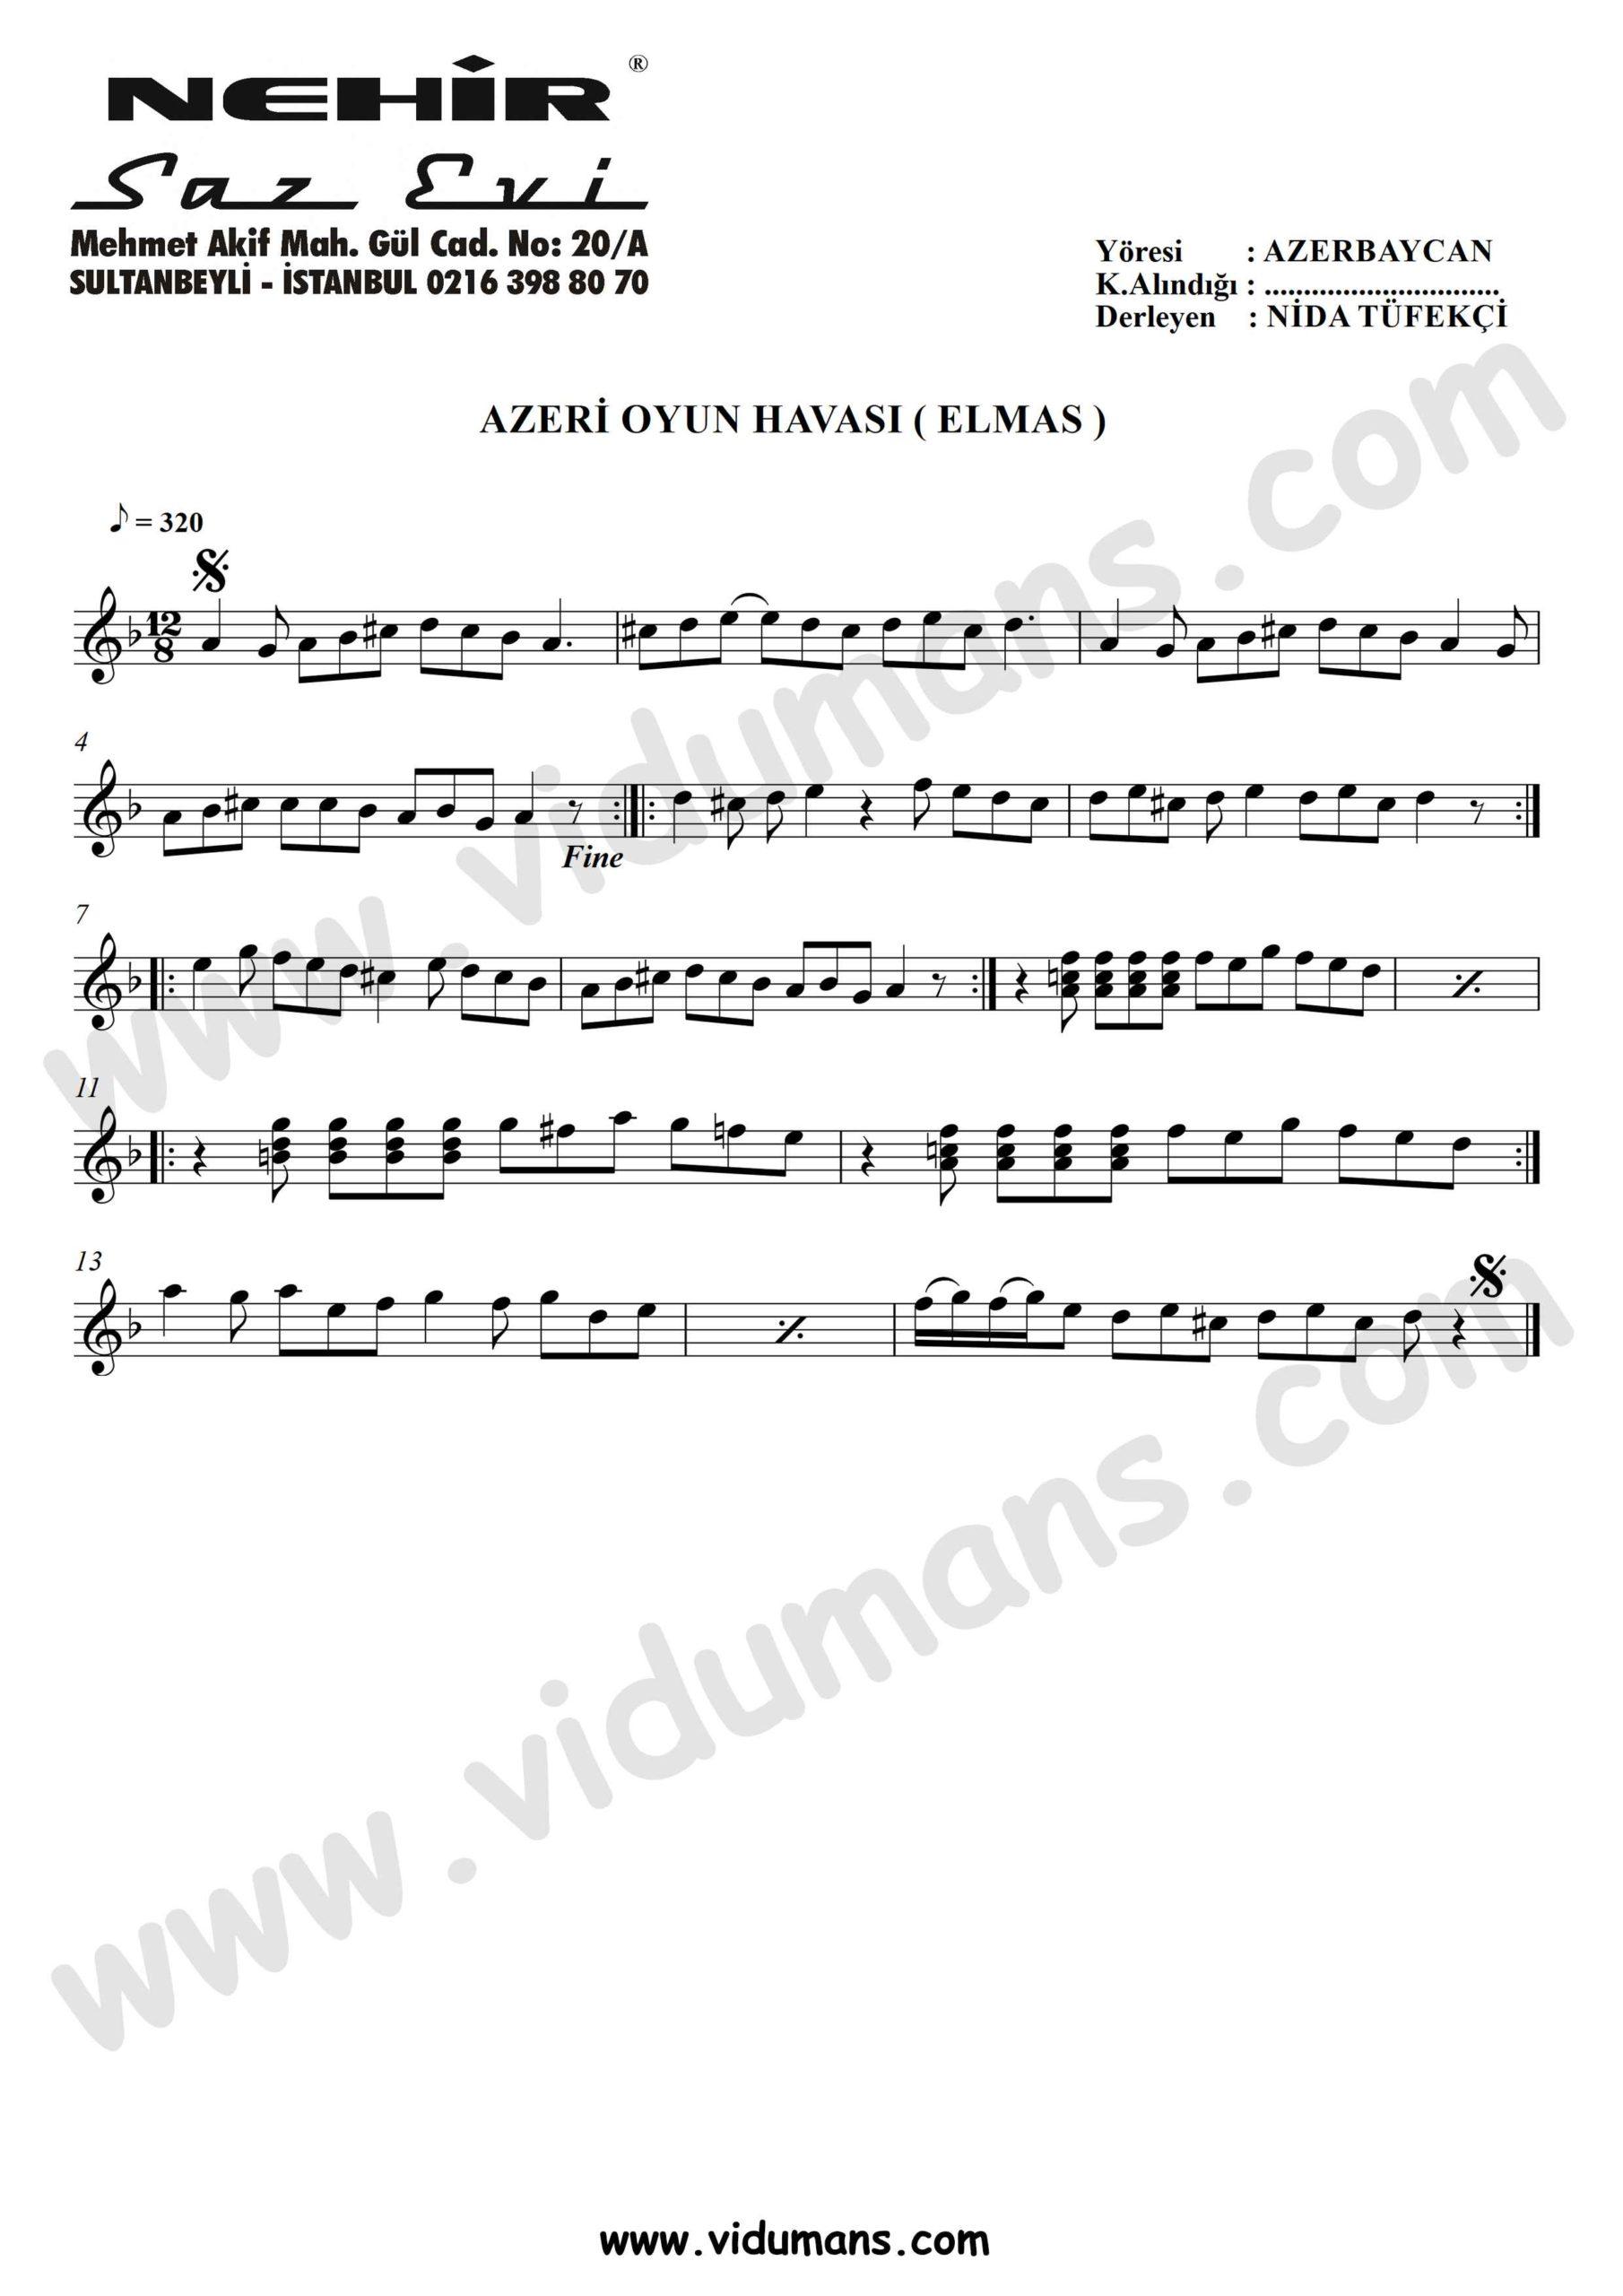 Azeri Oyun Havasi (Elmas)-Baglama-Saz-Notalari